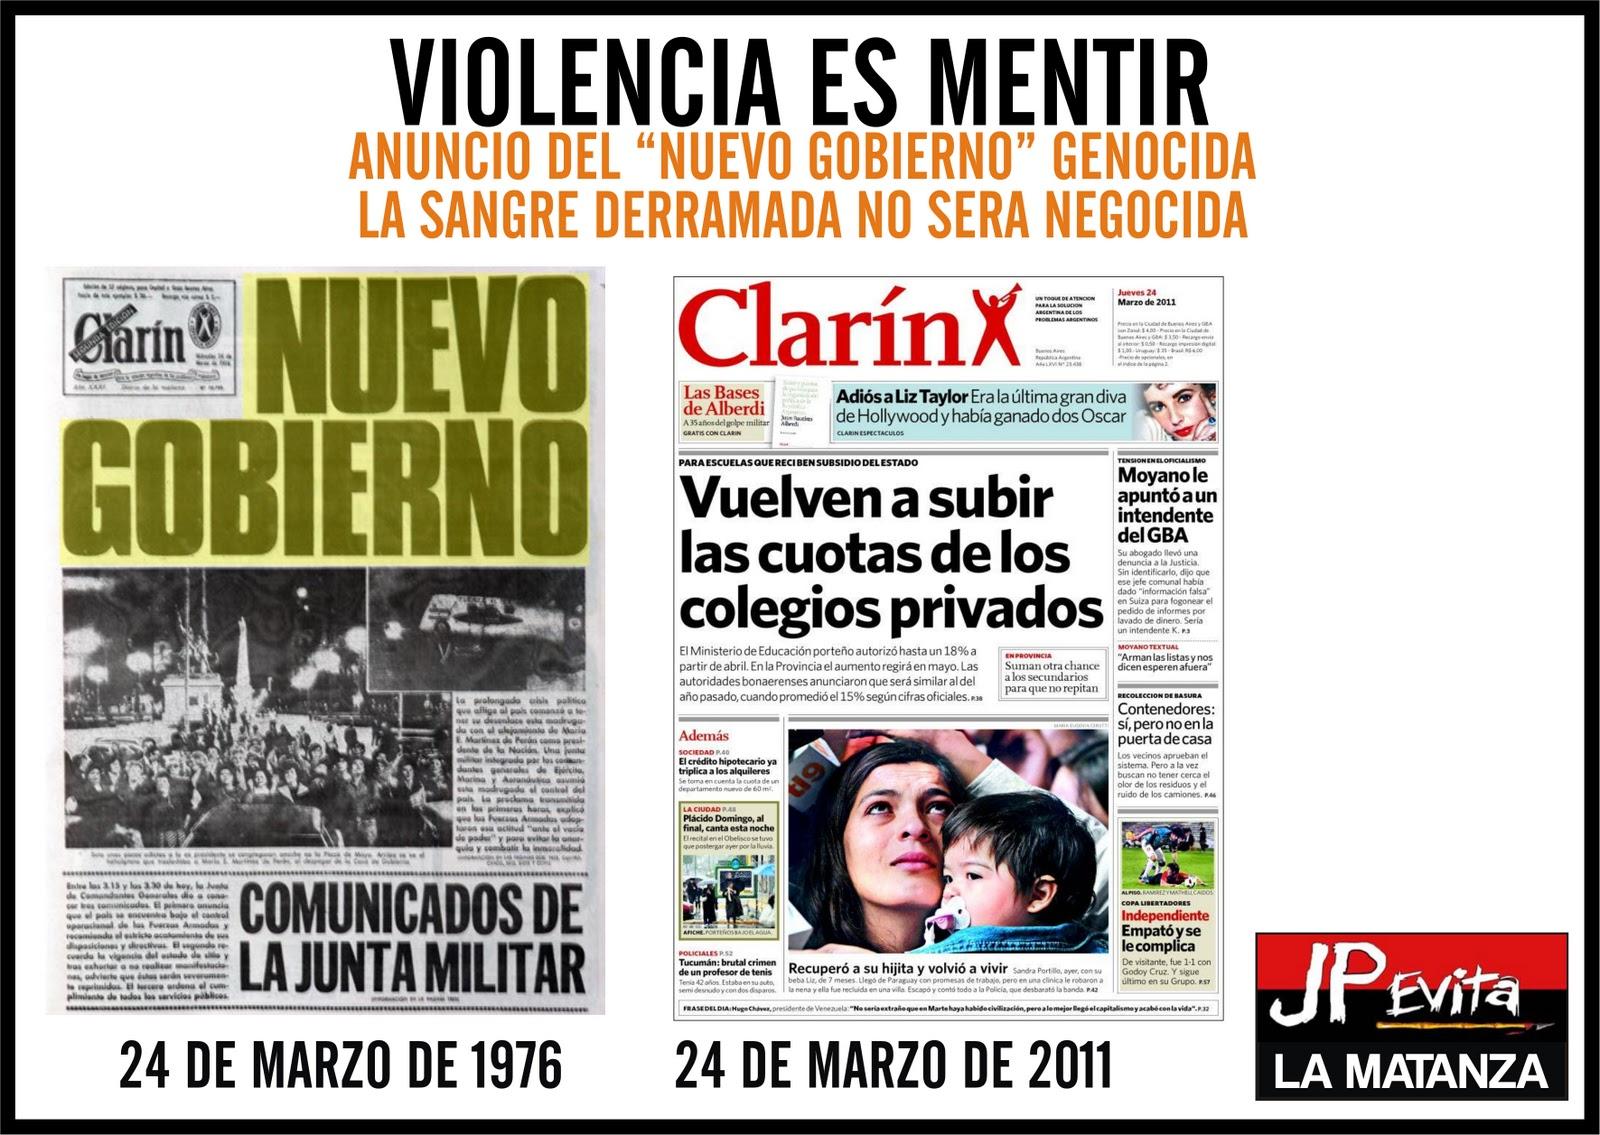 violencia es mentir 24 de marzo 1976 2011 jp evita la matanza. Black Bedroom Furniture Sets. Home Design Ideas